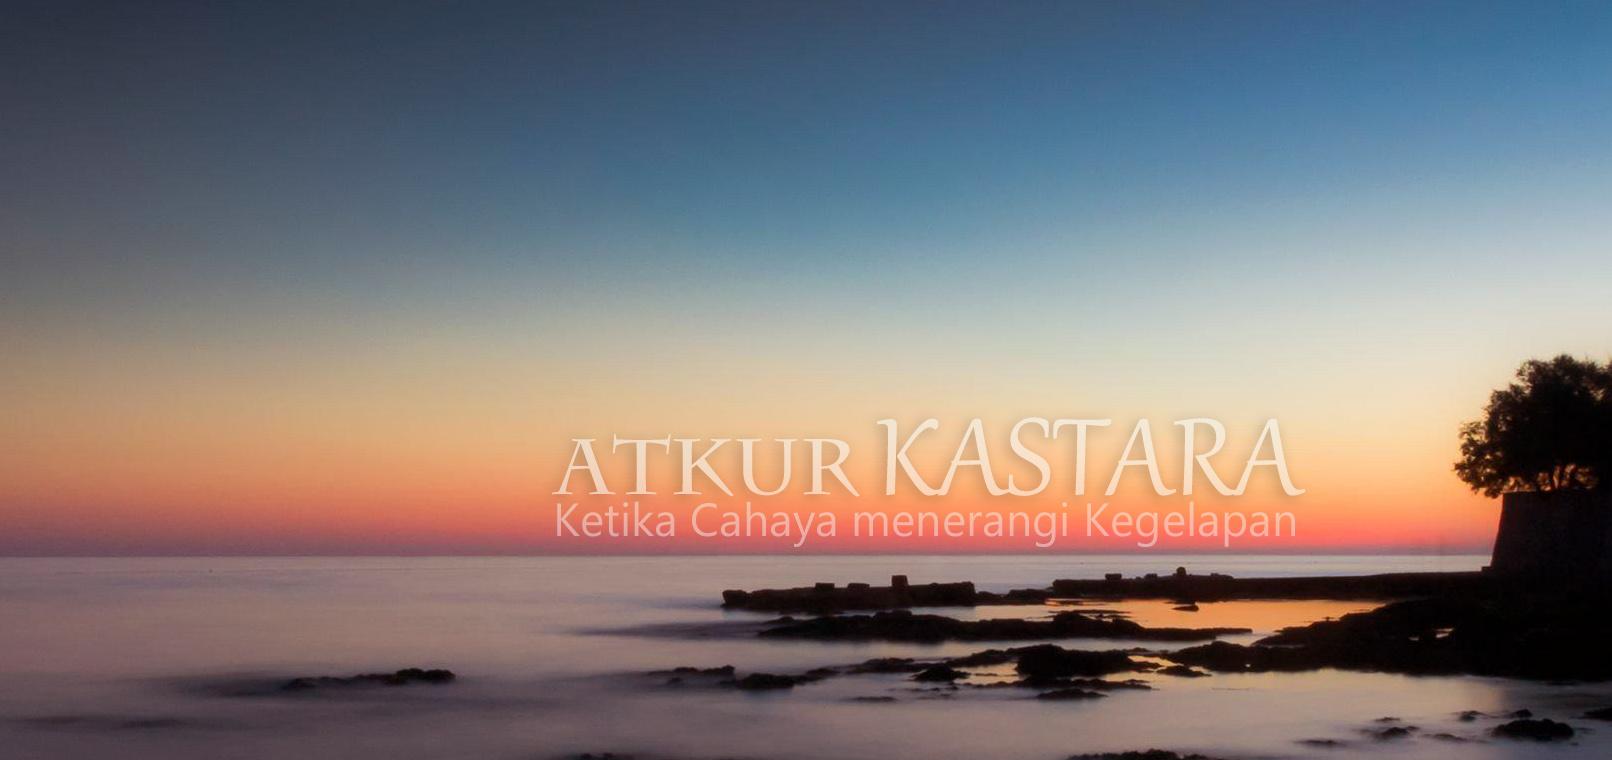 Sajak Sejenak - Puisi Bebas Karya Shira Kayato